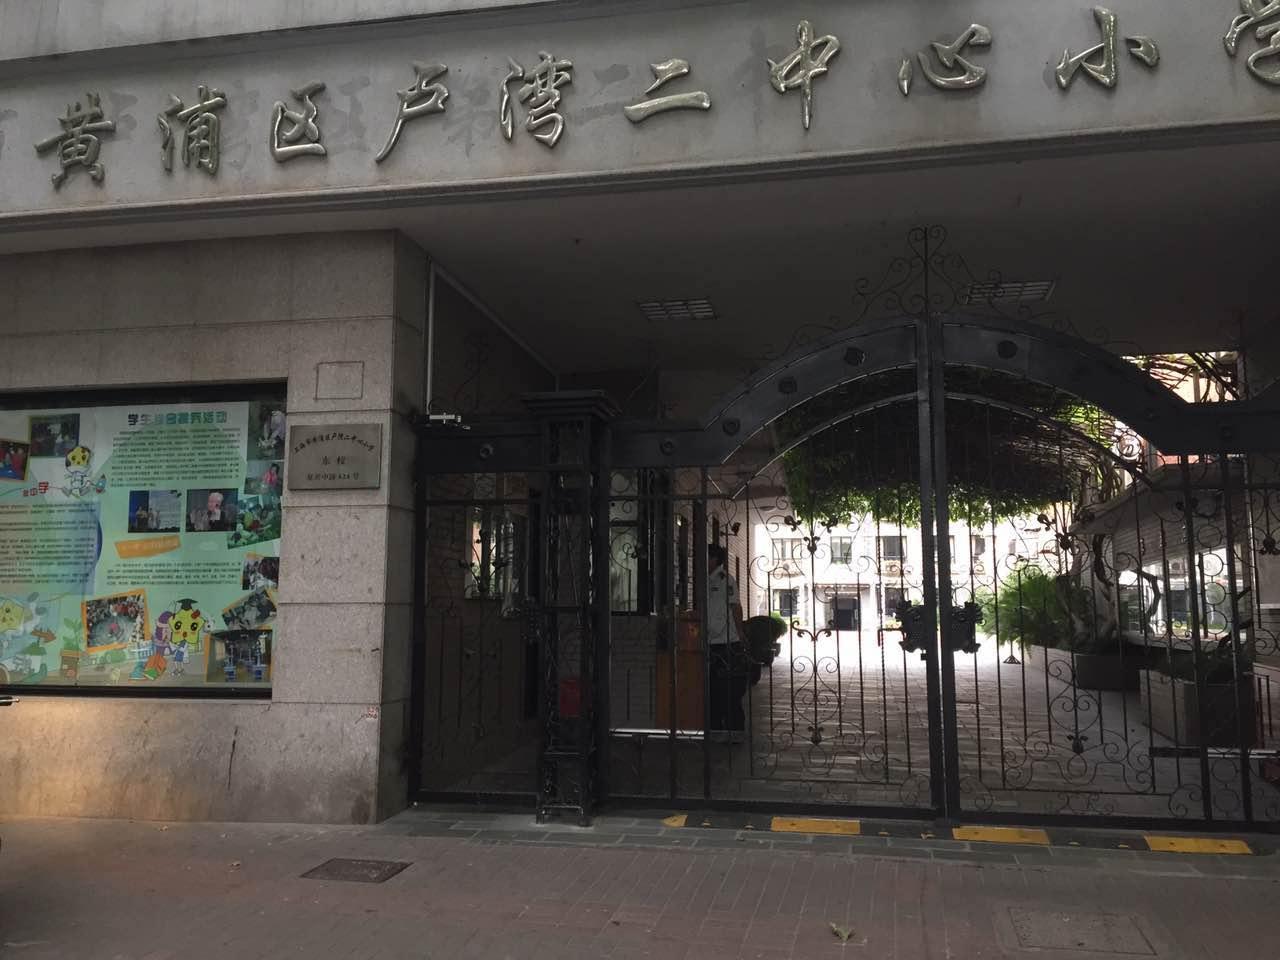 上海市黄浦区卢湾二中心小学